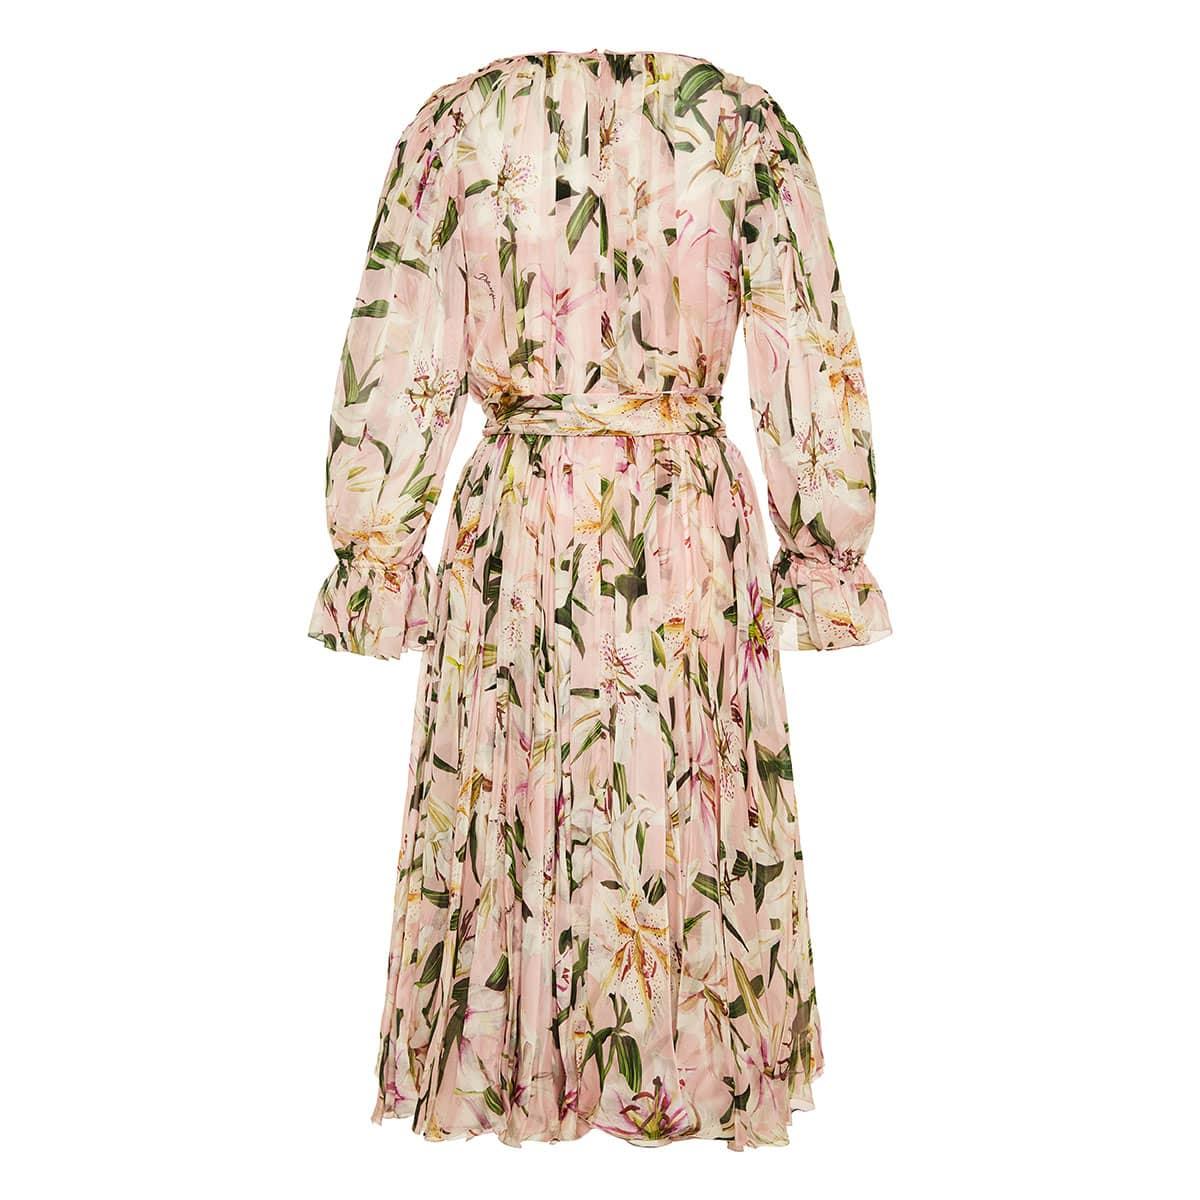 Lily-print wrap midi dress